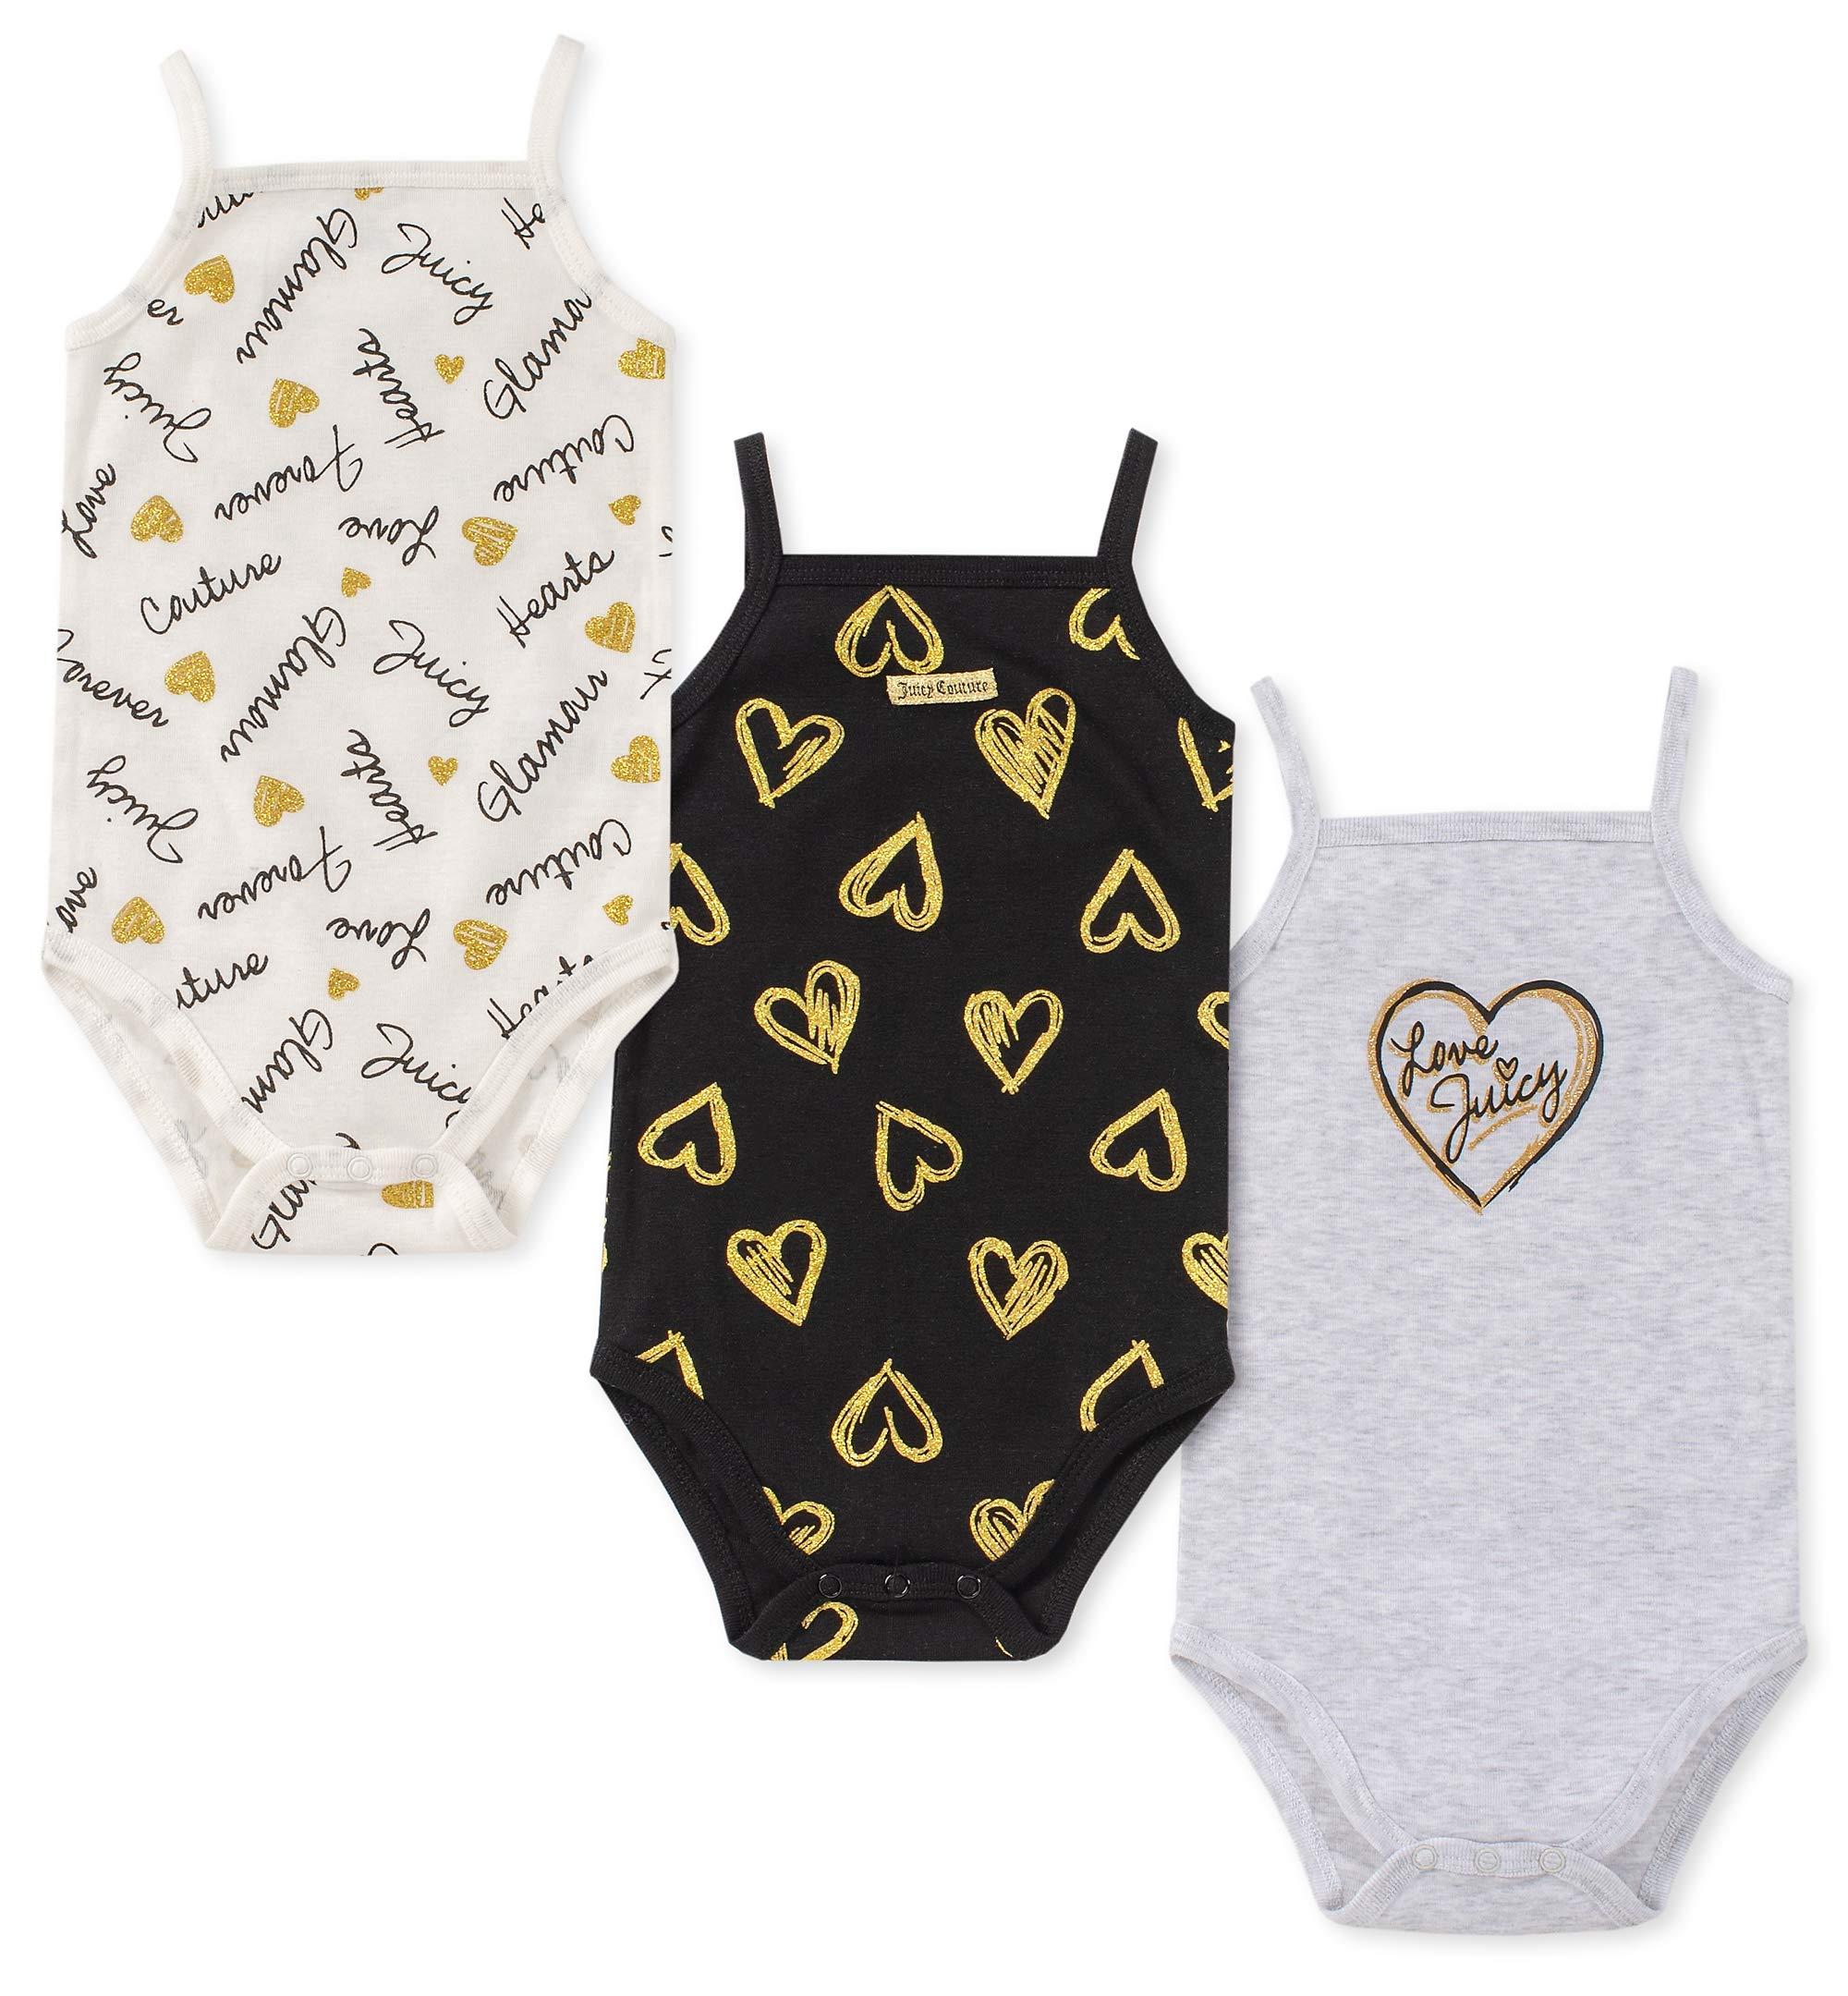 ジューシークチュール女の赤ちゃんジャンプスーツ3個セット